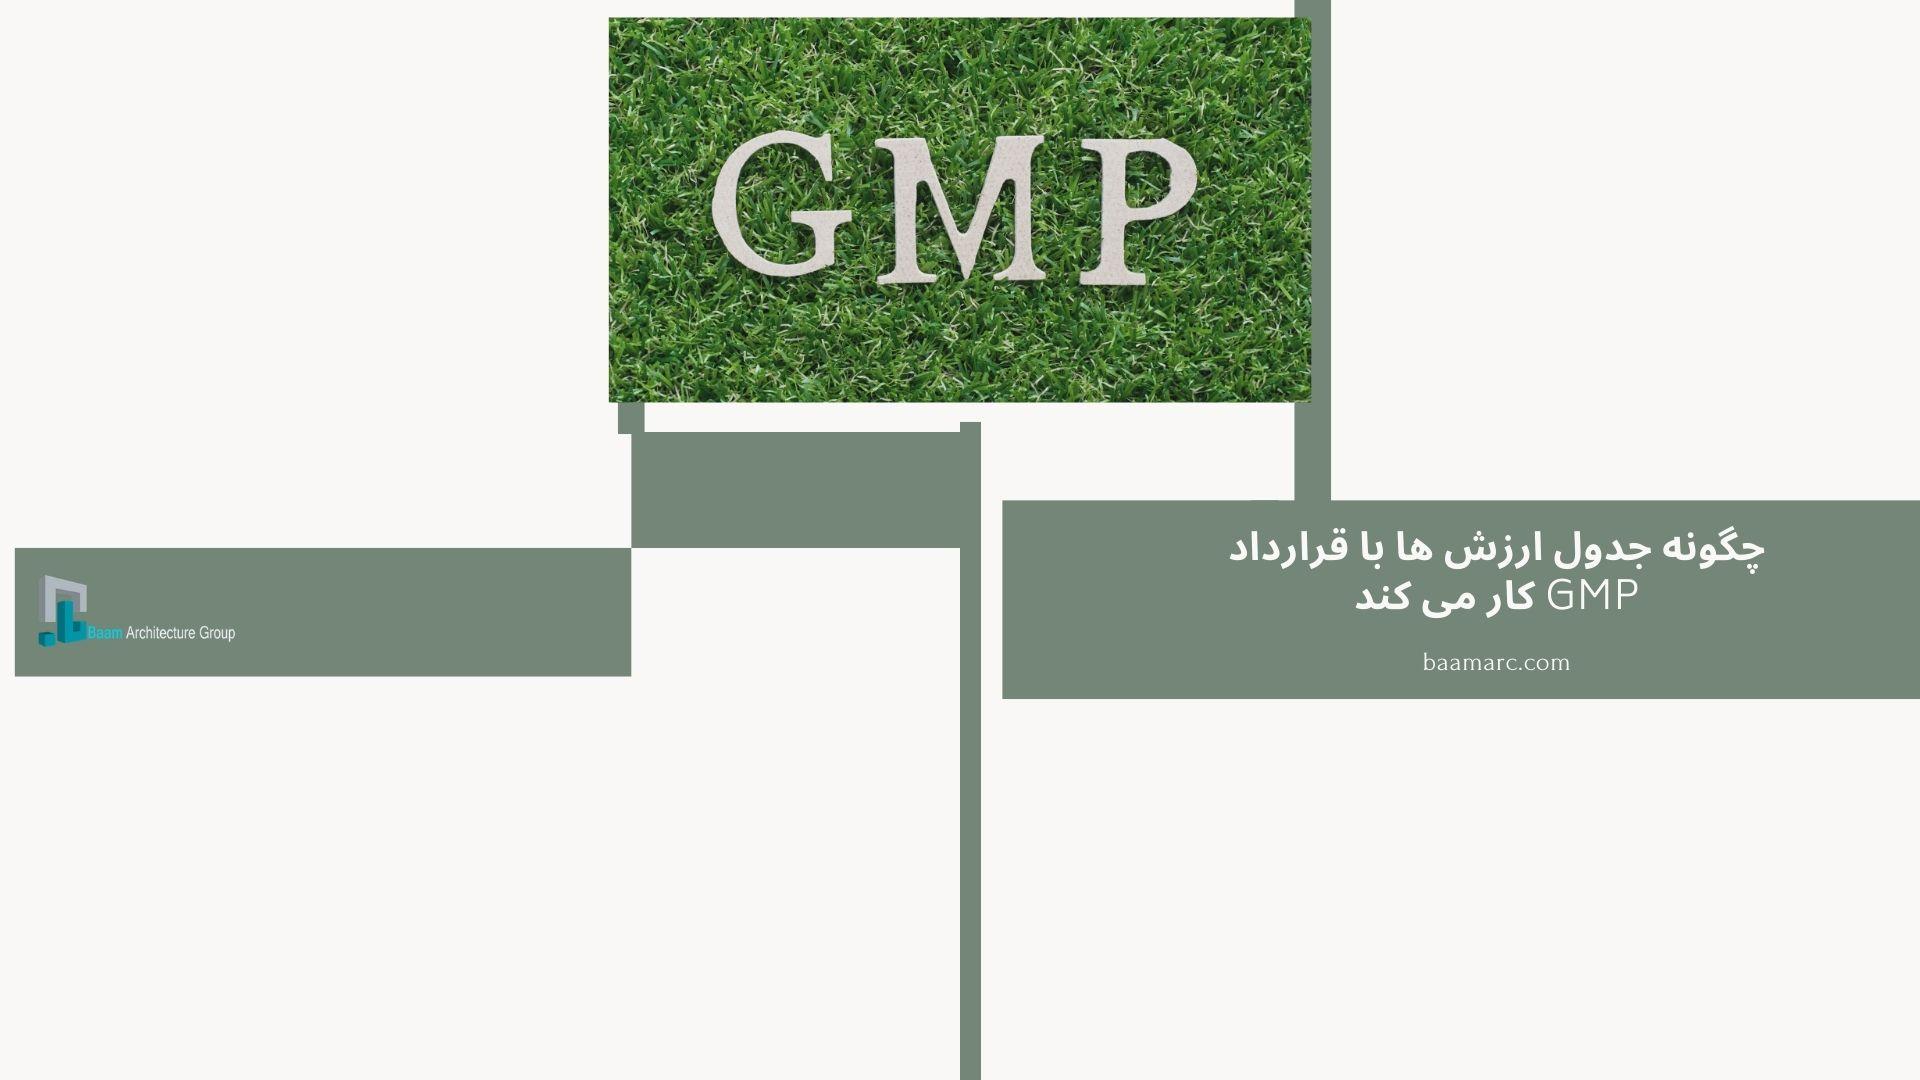 چگونه جدول ارزش ها با قرارداد GMP کار می کند